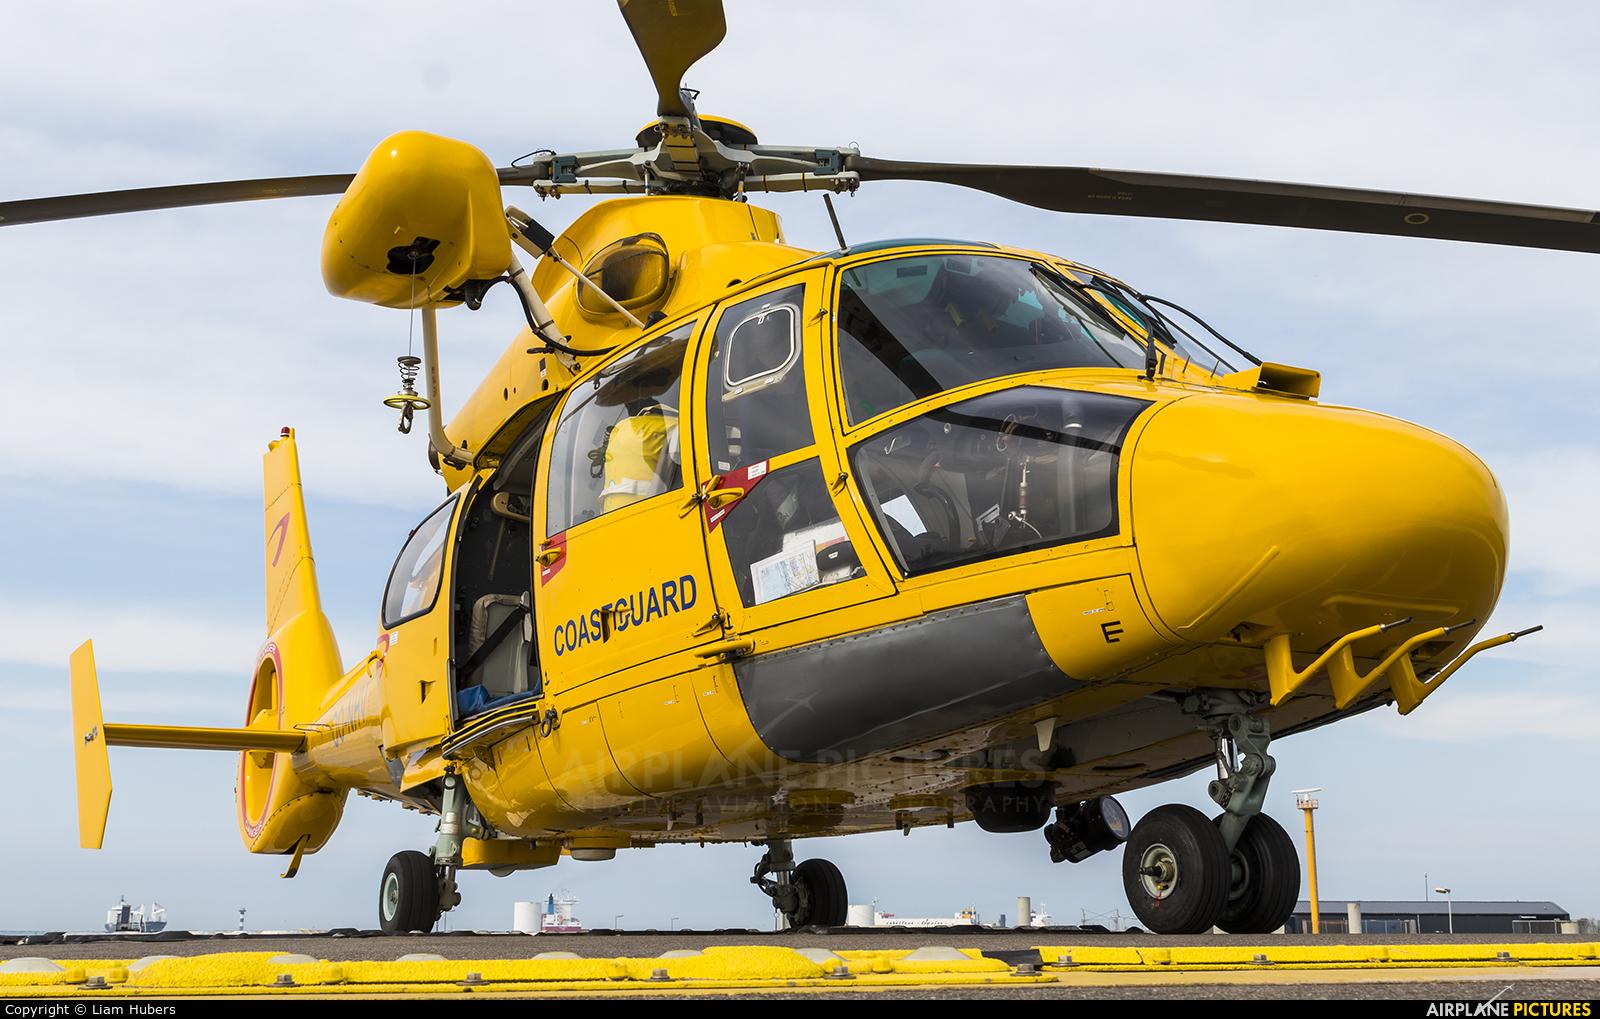 NHV - Noordzee Helikopters Vlaanderen OO-NHV aircraft at Off Airport - Netherlands